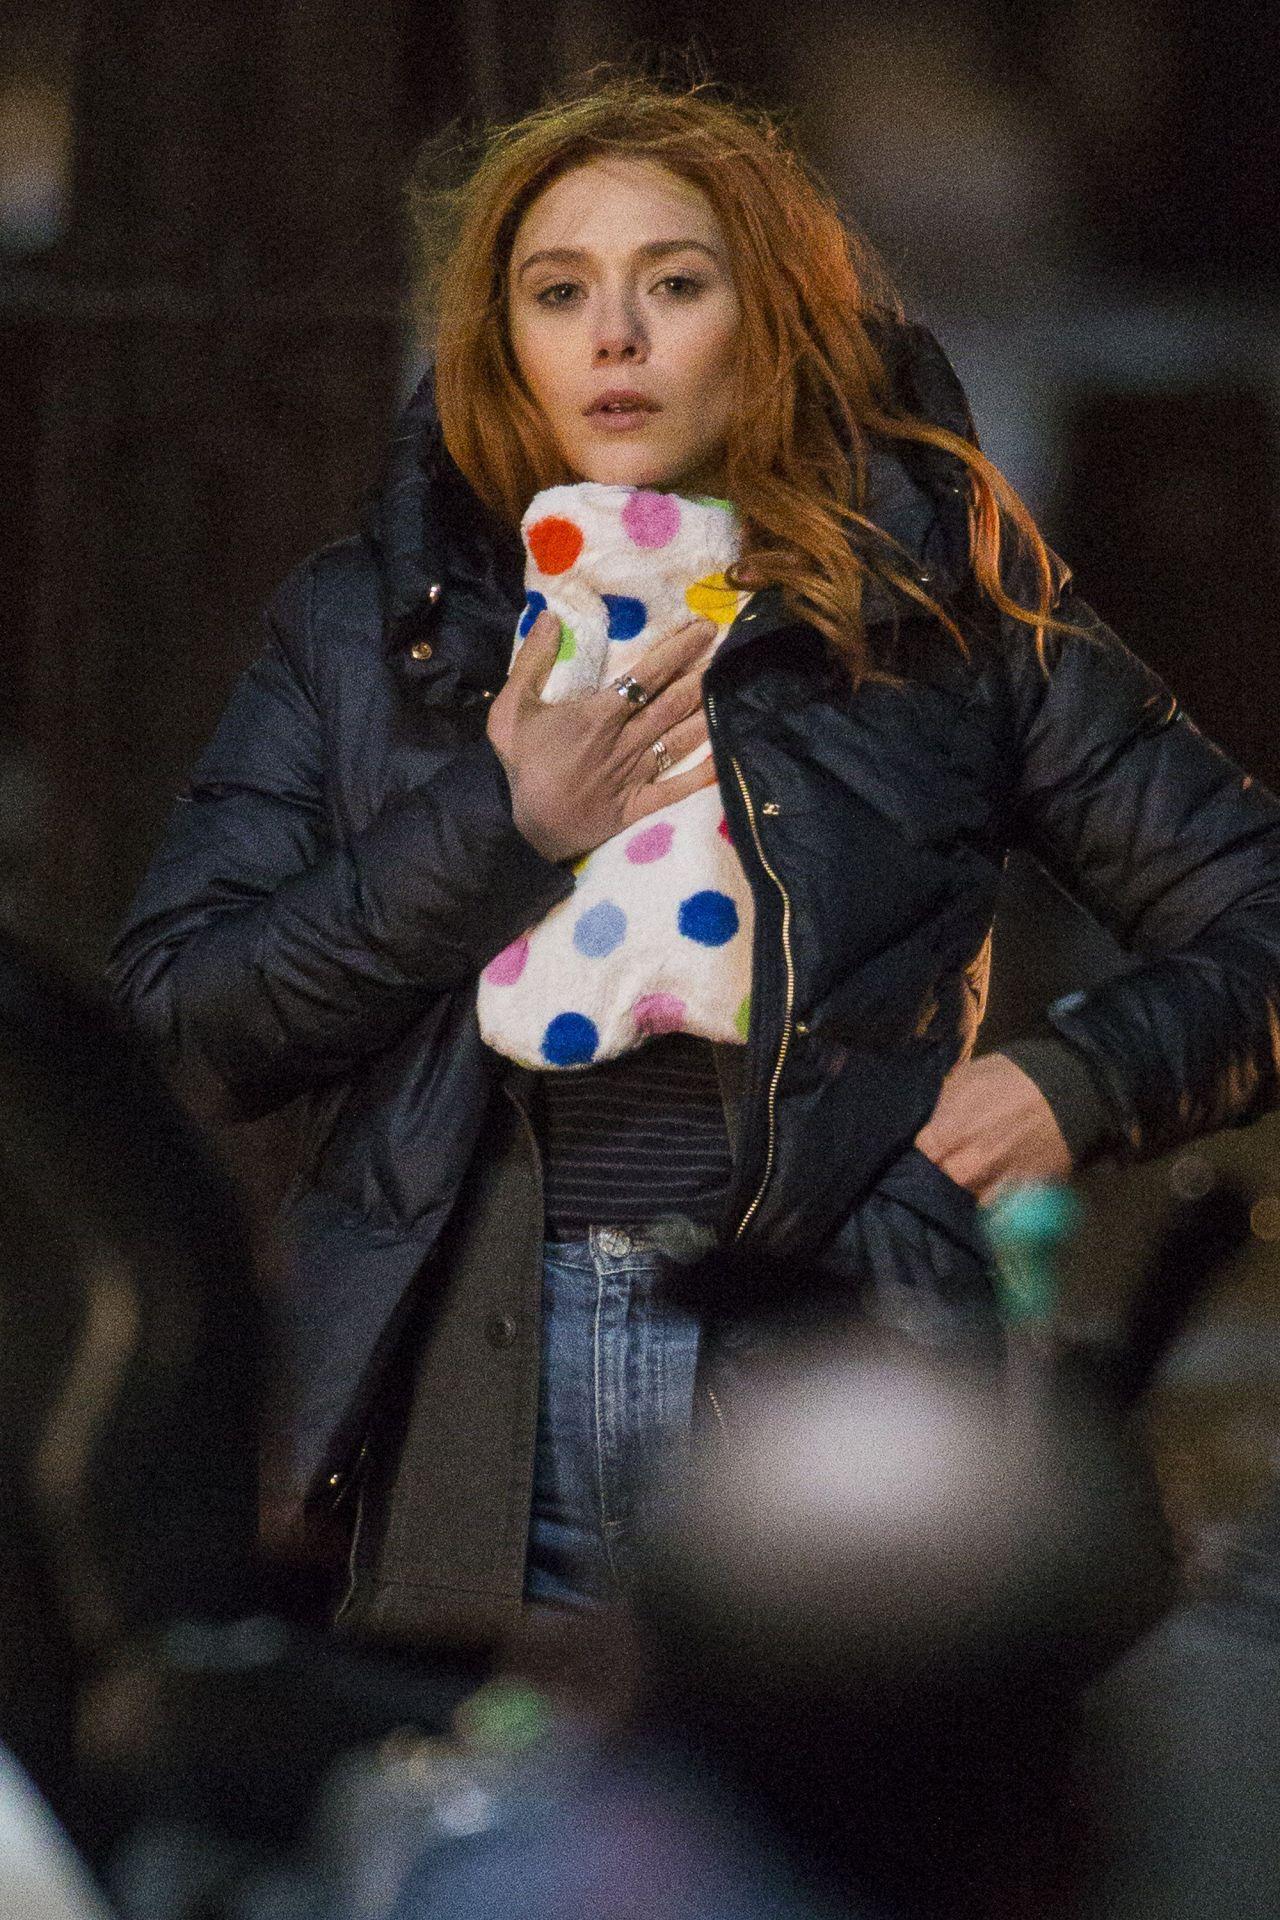 Elizabeth Olsen Marvel Avengers Infinity War Set In